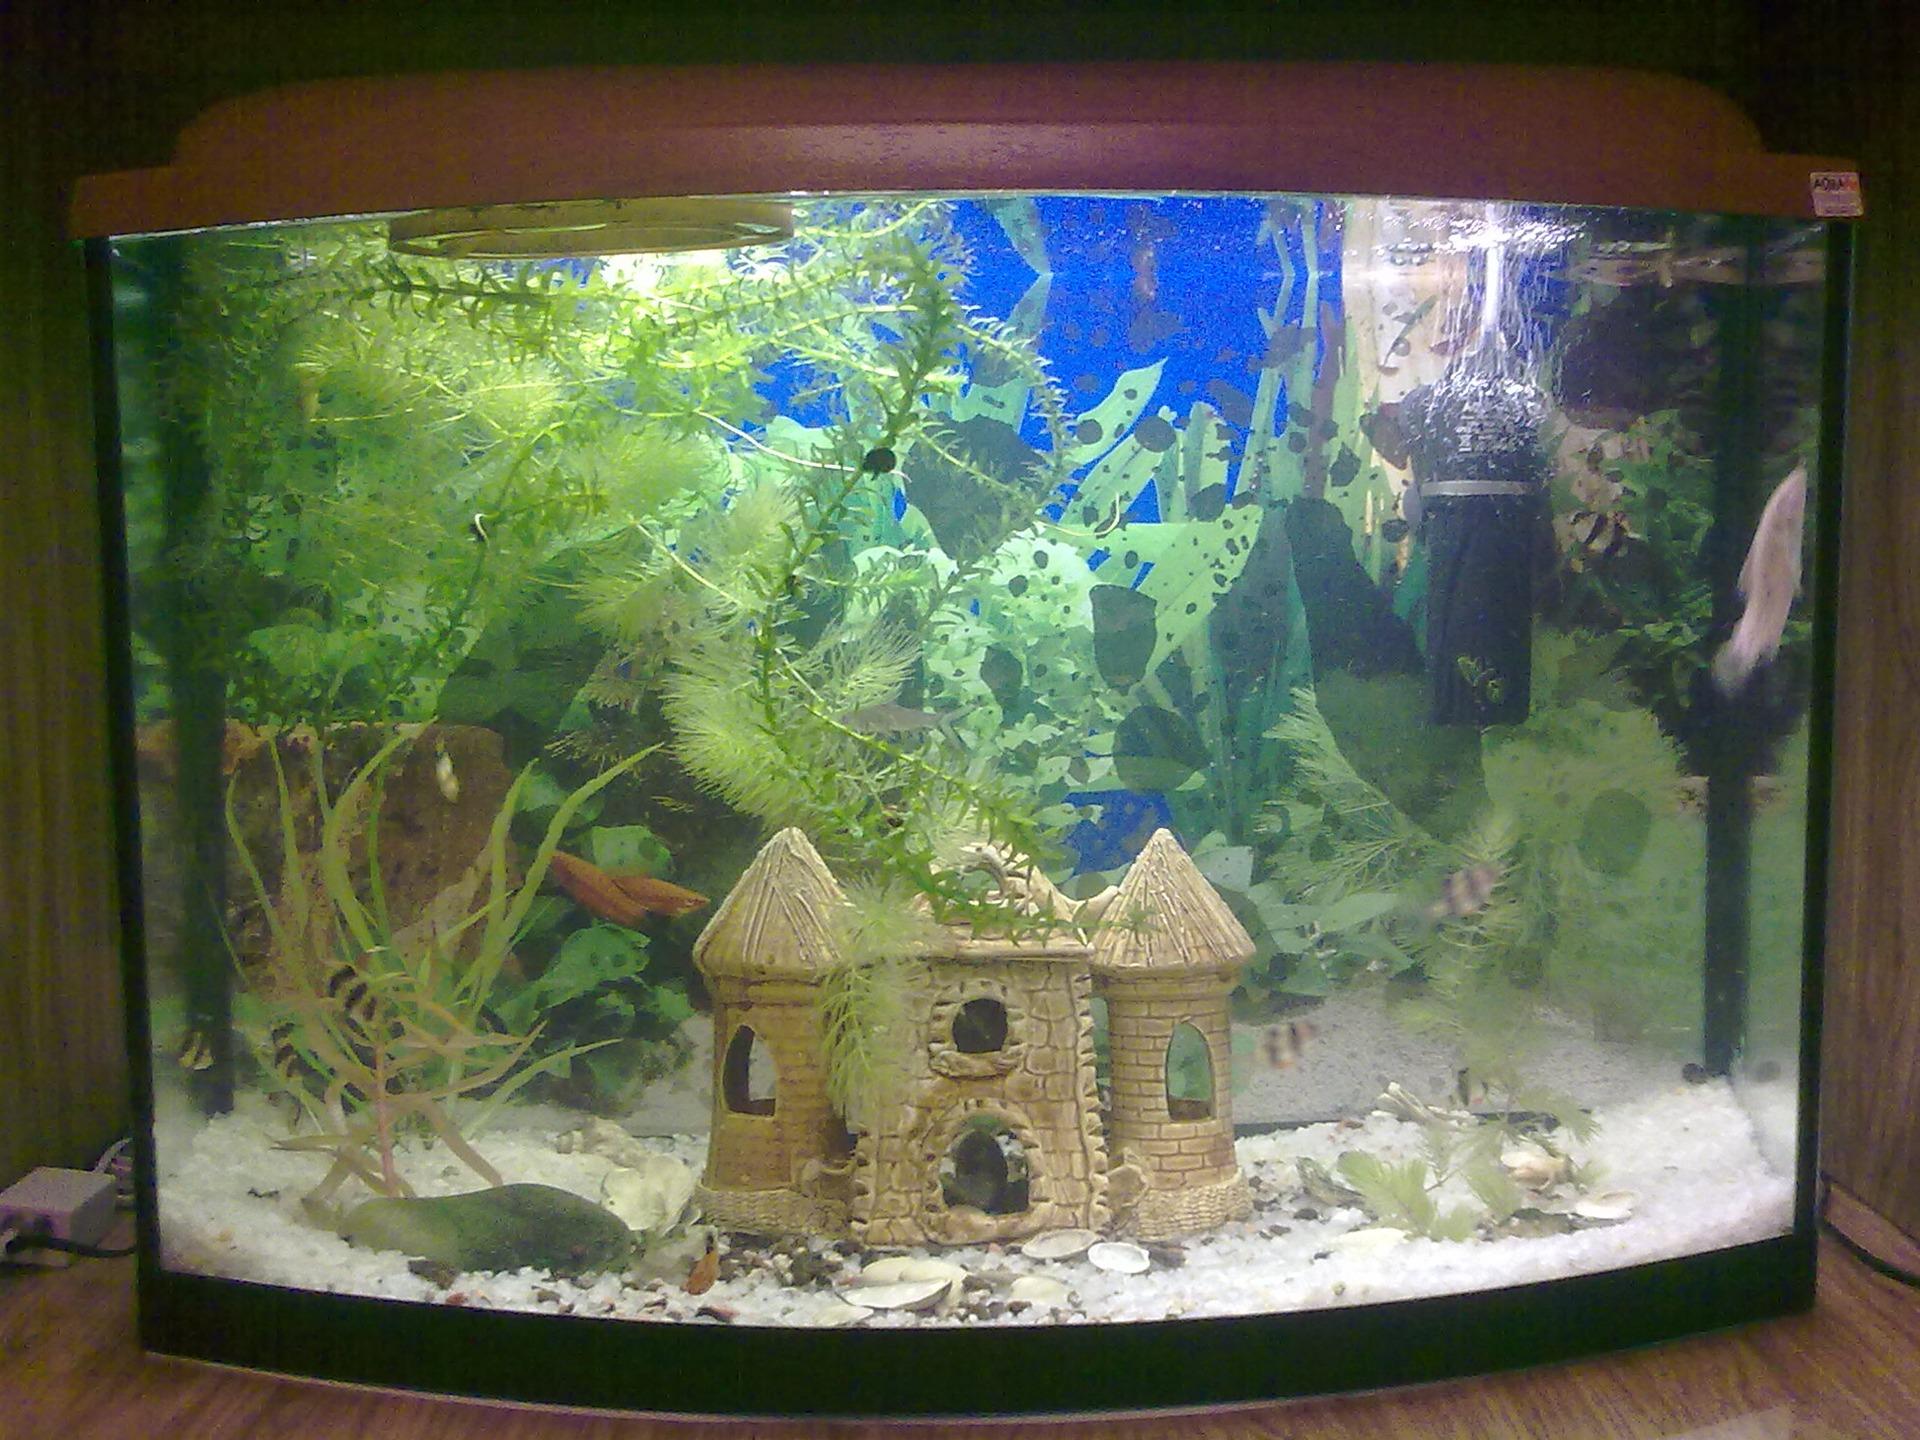 аквариумист в ссср фото хуже